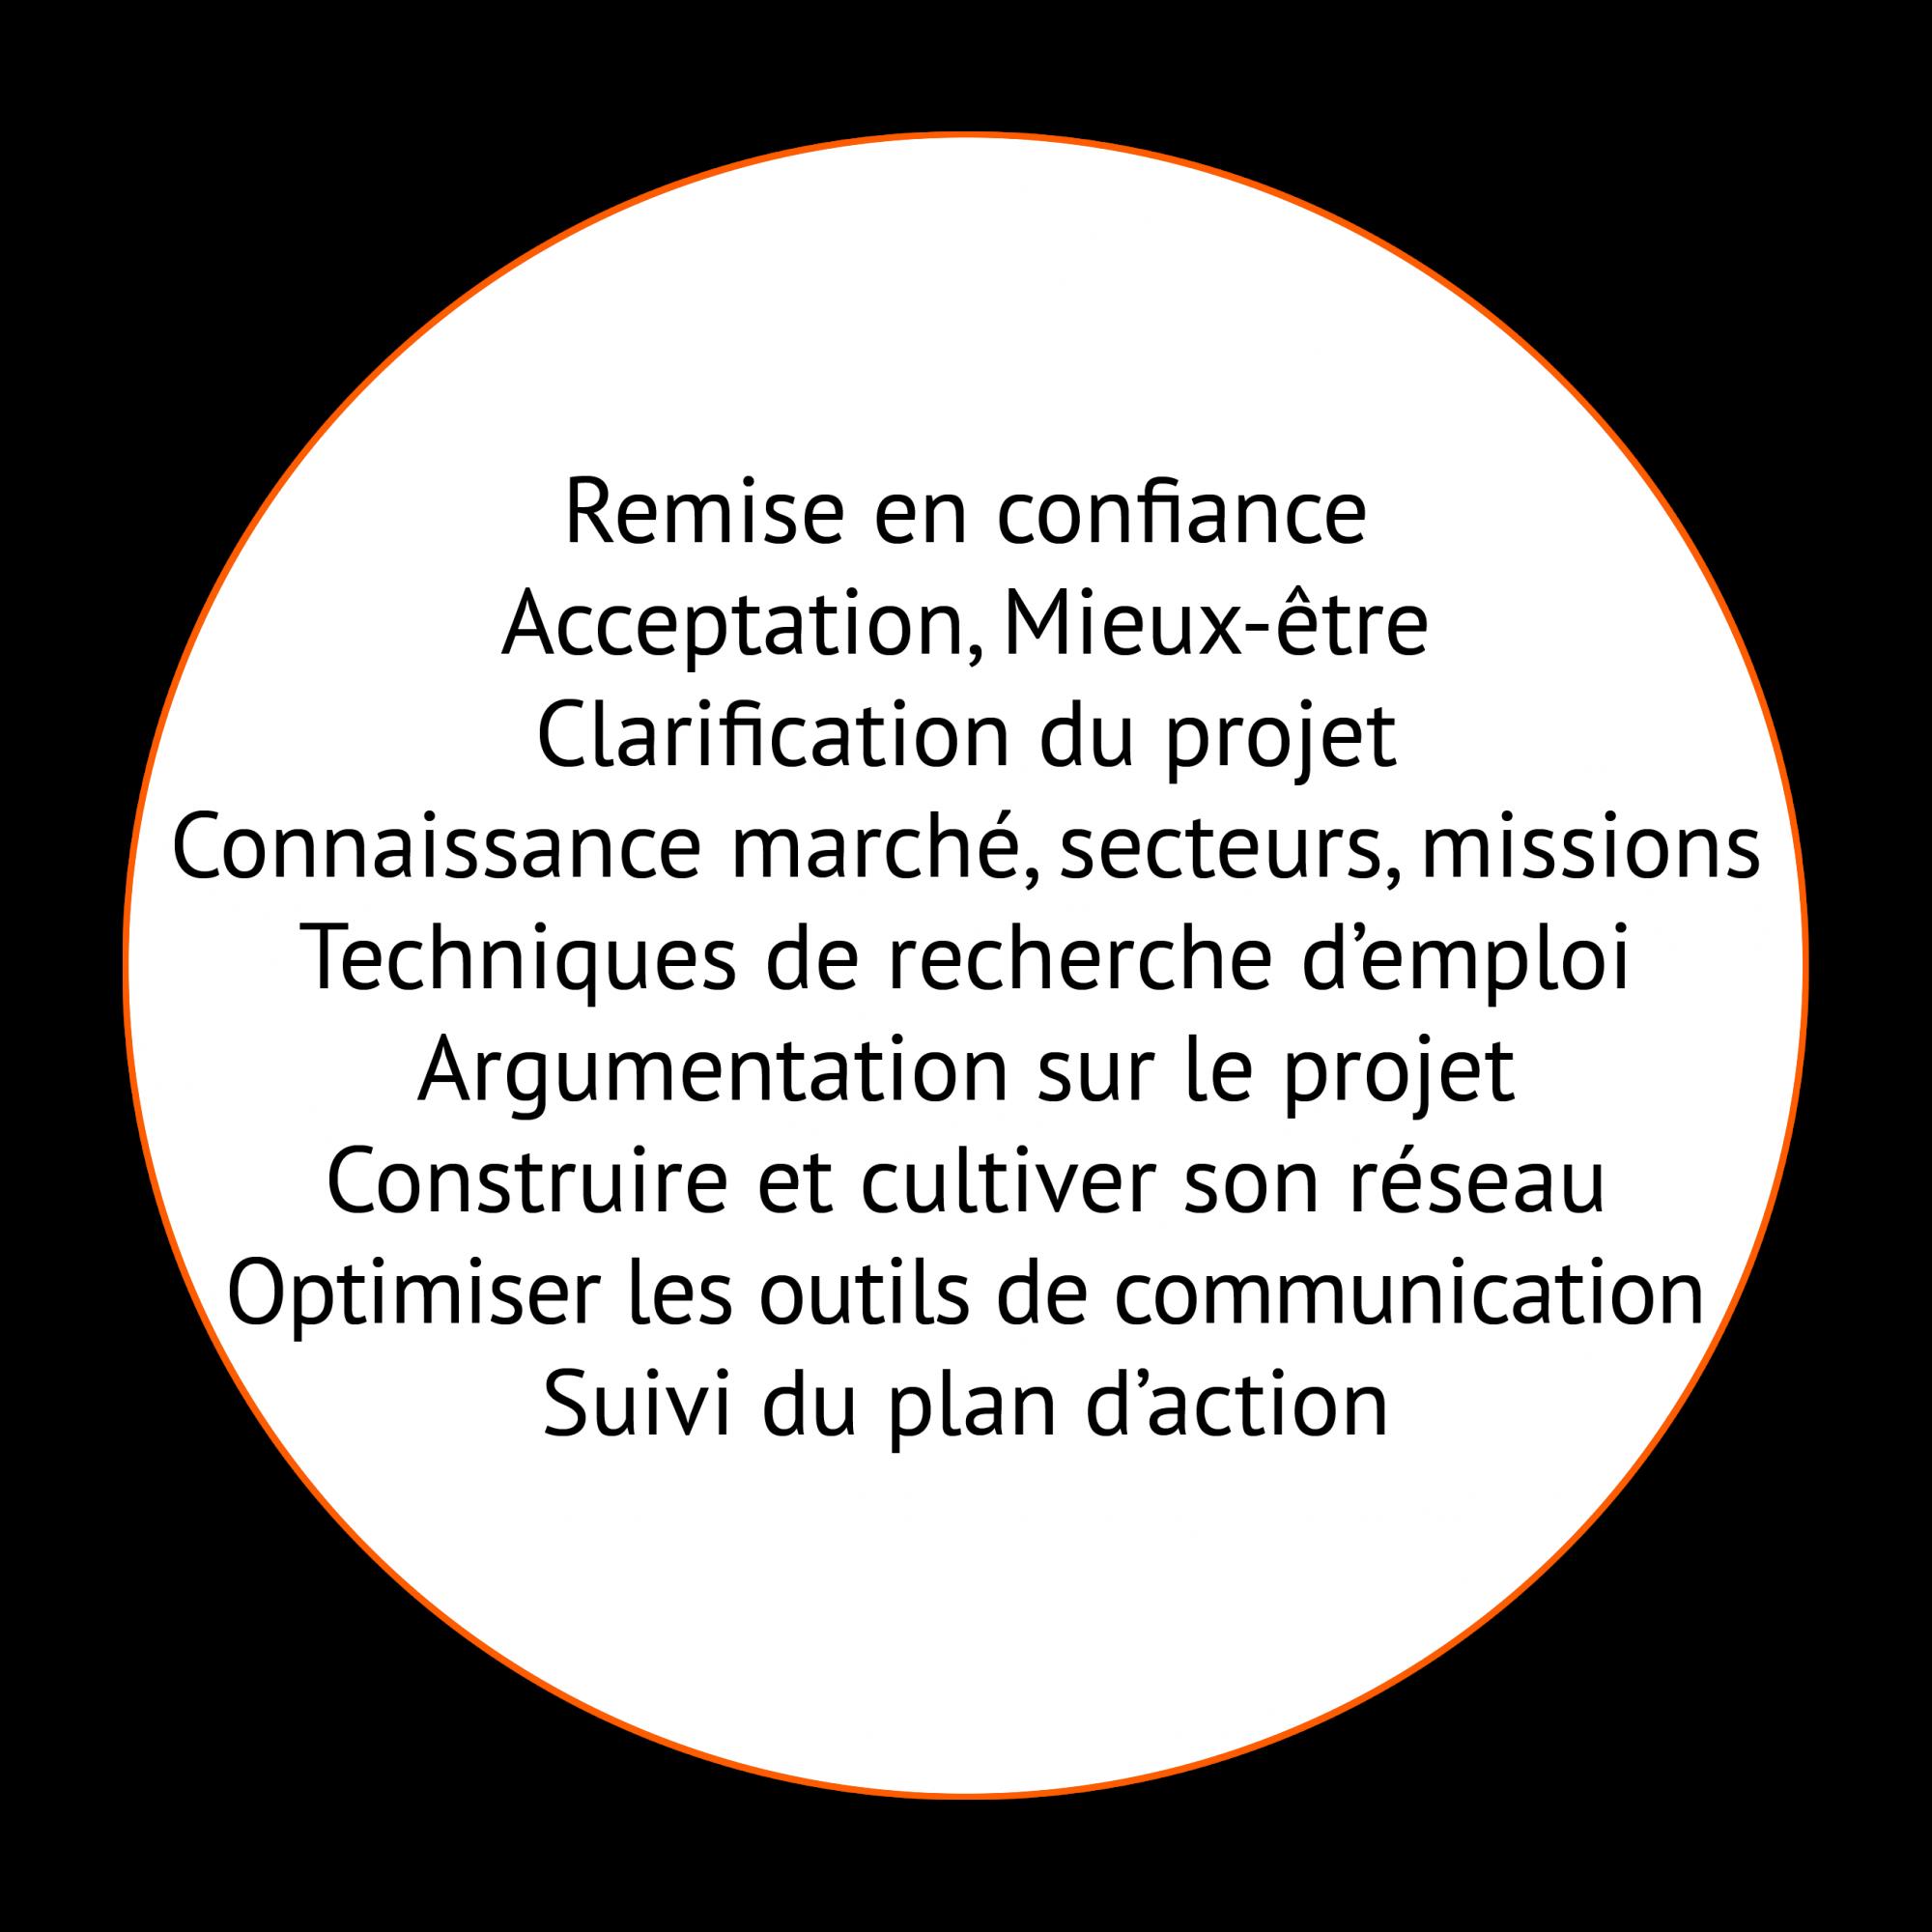 cercle outplacement - Pépites conseil - Christine Desseaux - Lille Métropole